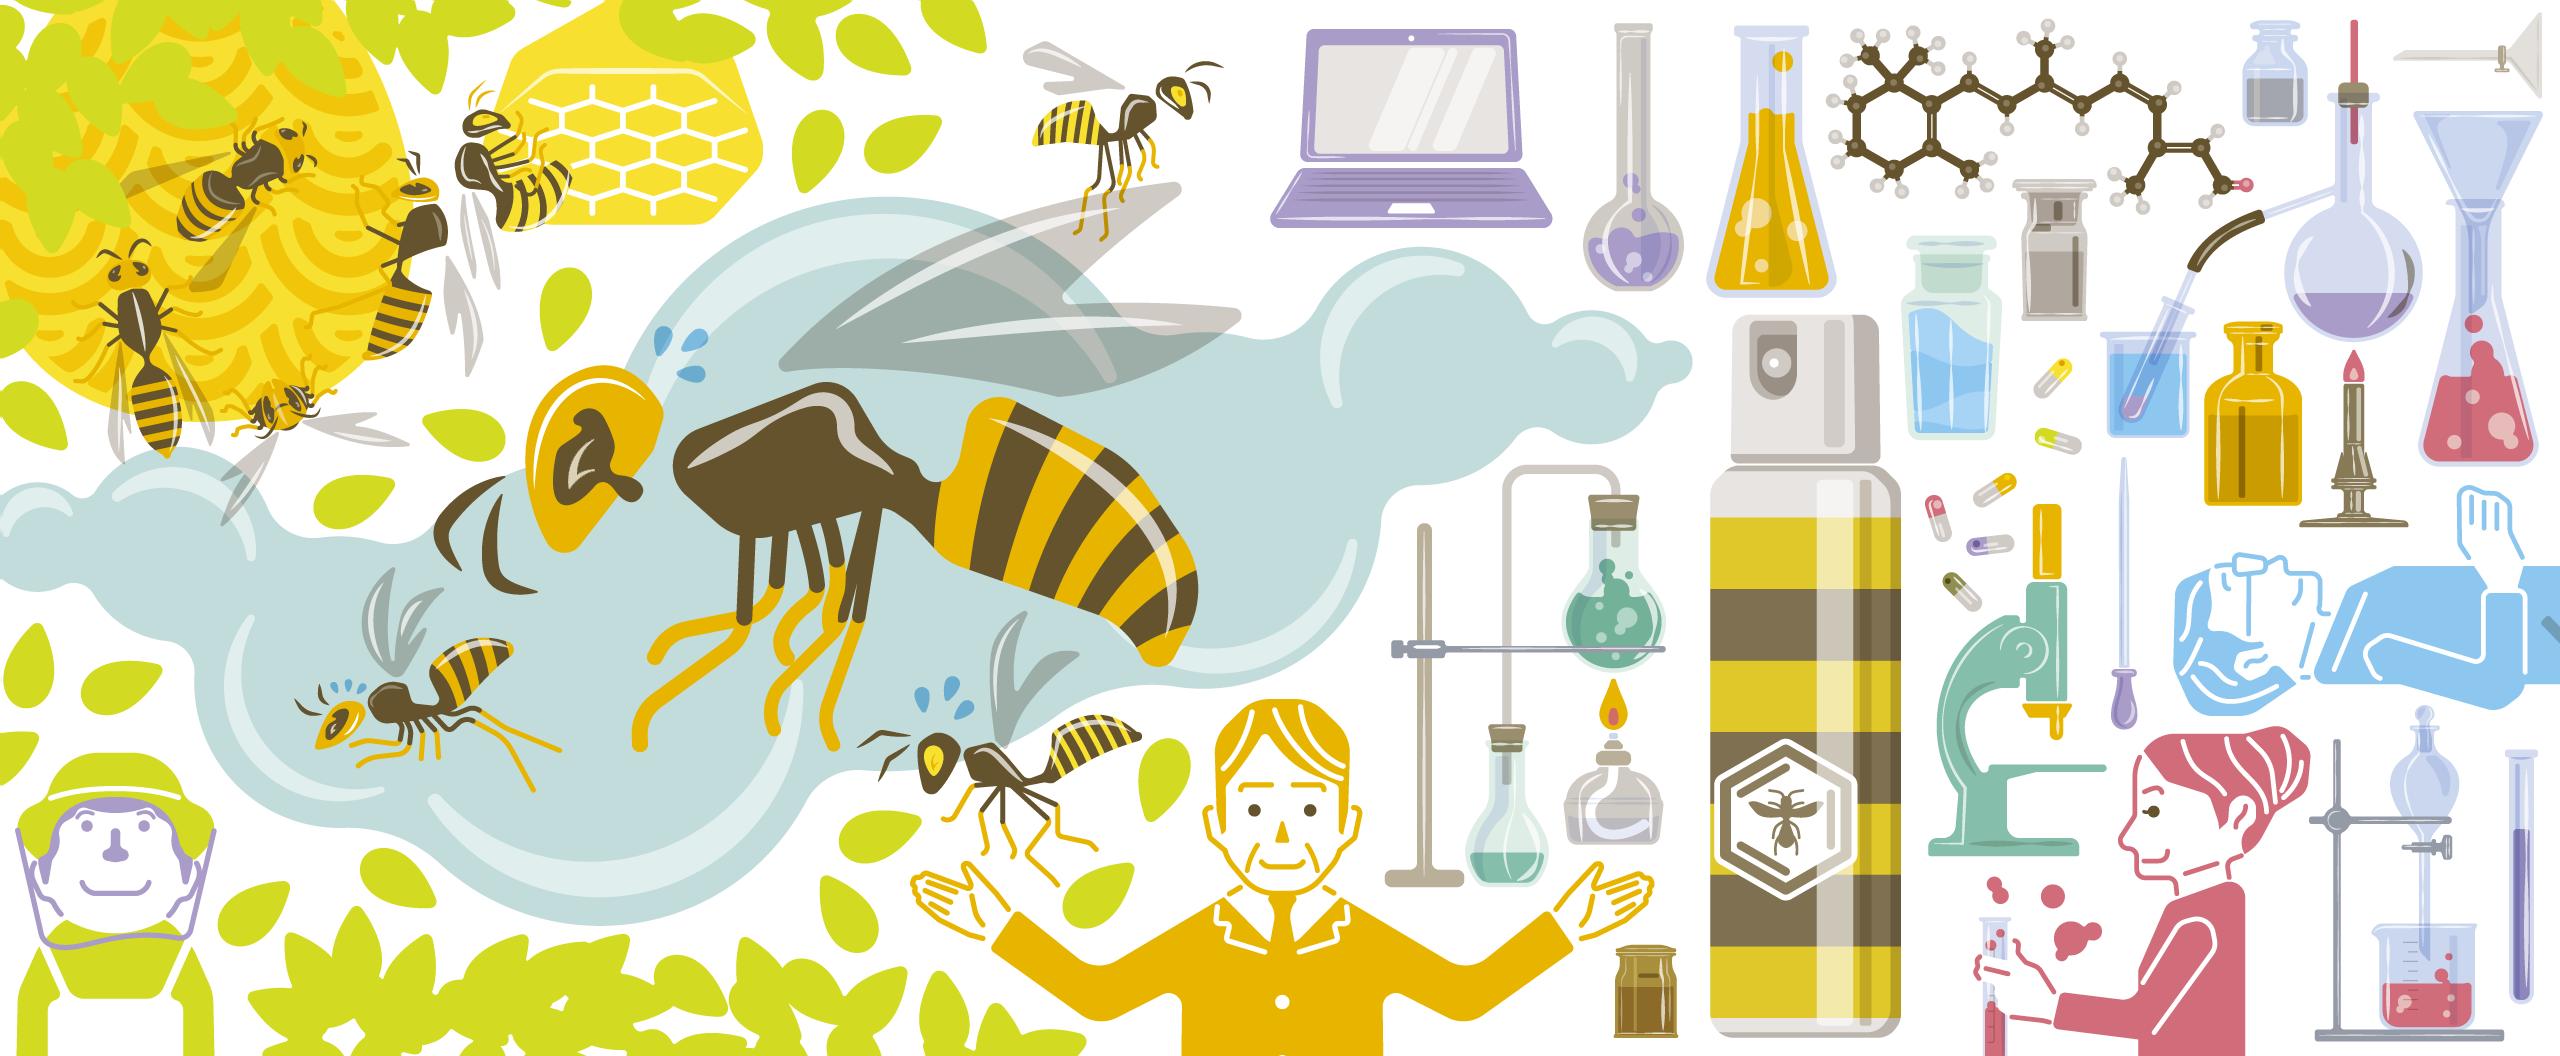 株式会社KINPは、スズメバチ科ハチ類に対する忌避・攻撃本能消失剤の研究・販売を行っています。